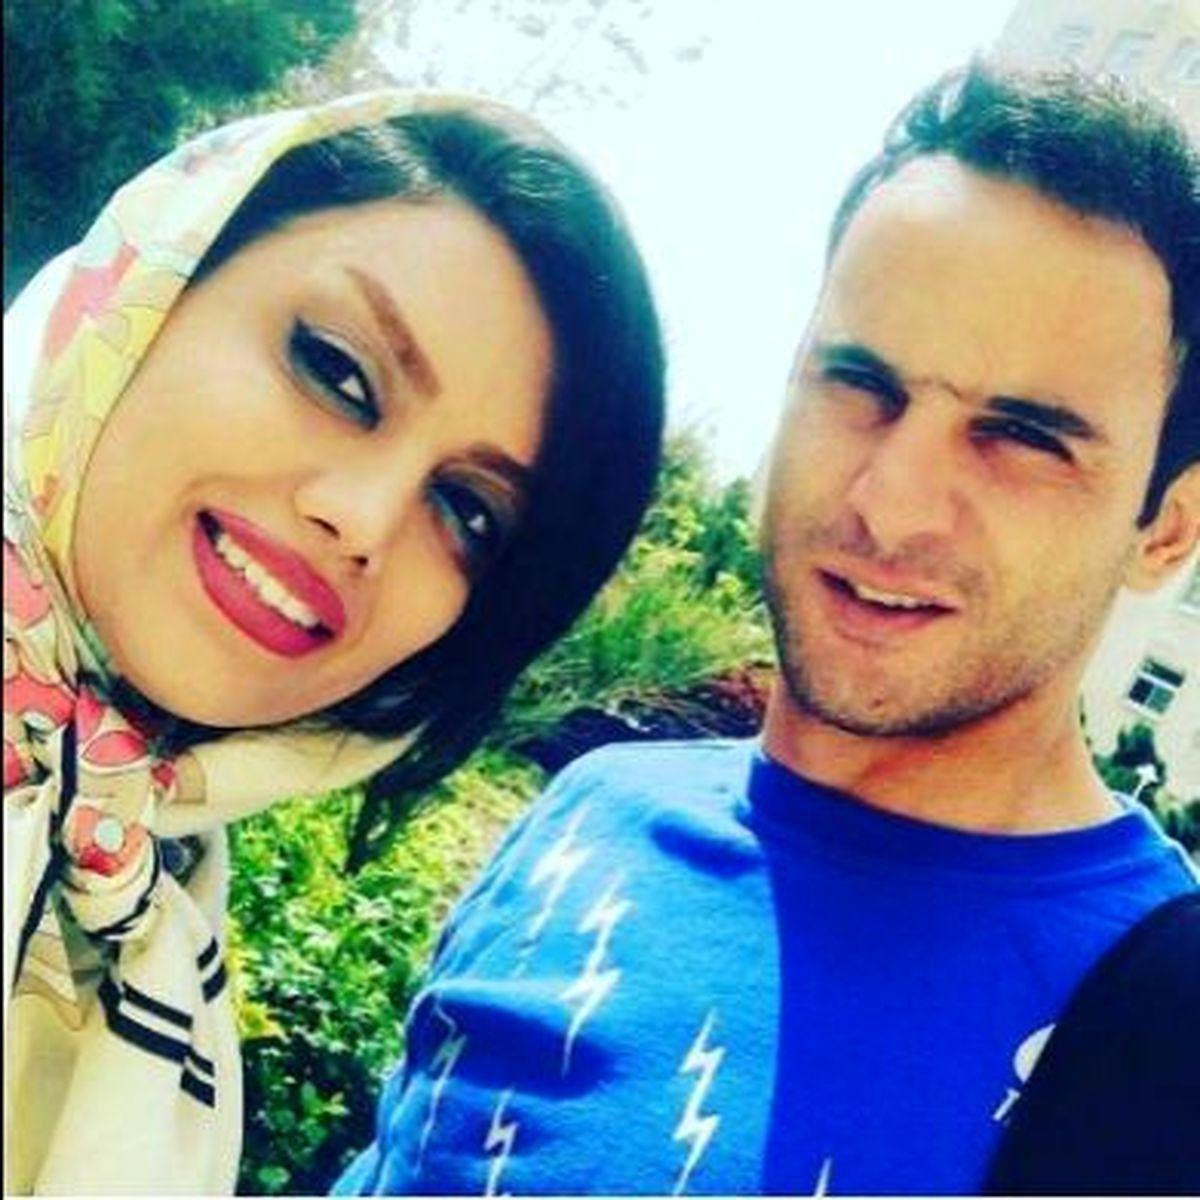 عکس عاشقانه آرش برهانی و همسر باردارش + تصاویر و بیوگرافی